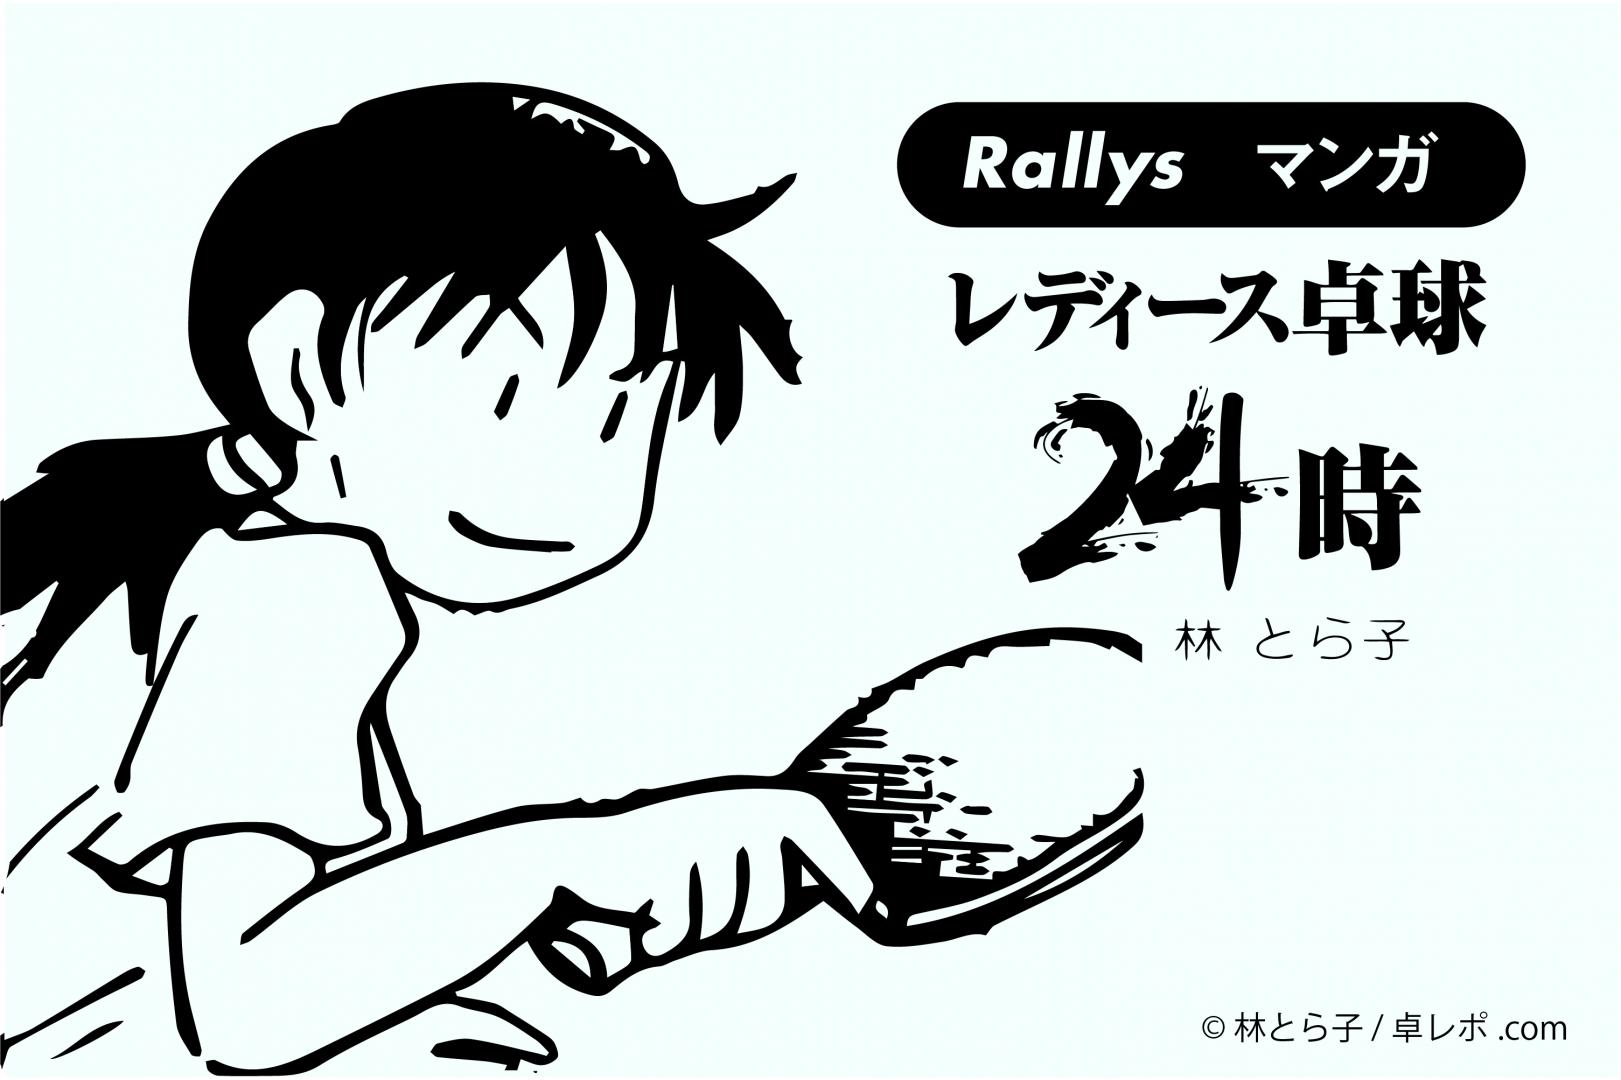 だってね【卓球4コマ漫画・レディース卓球24時】